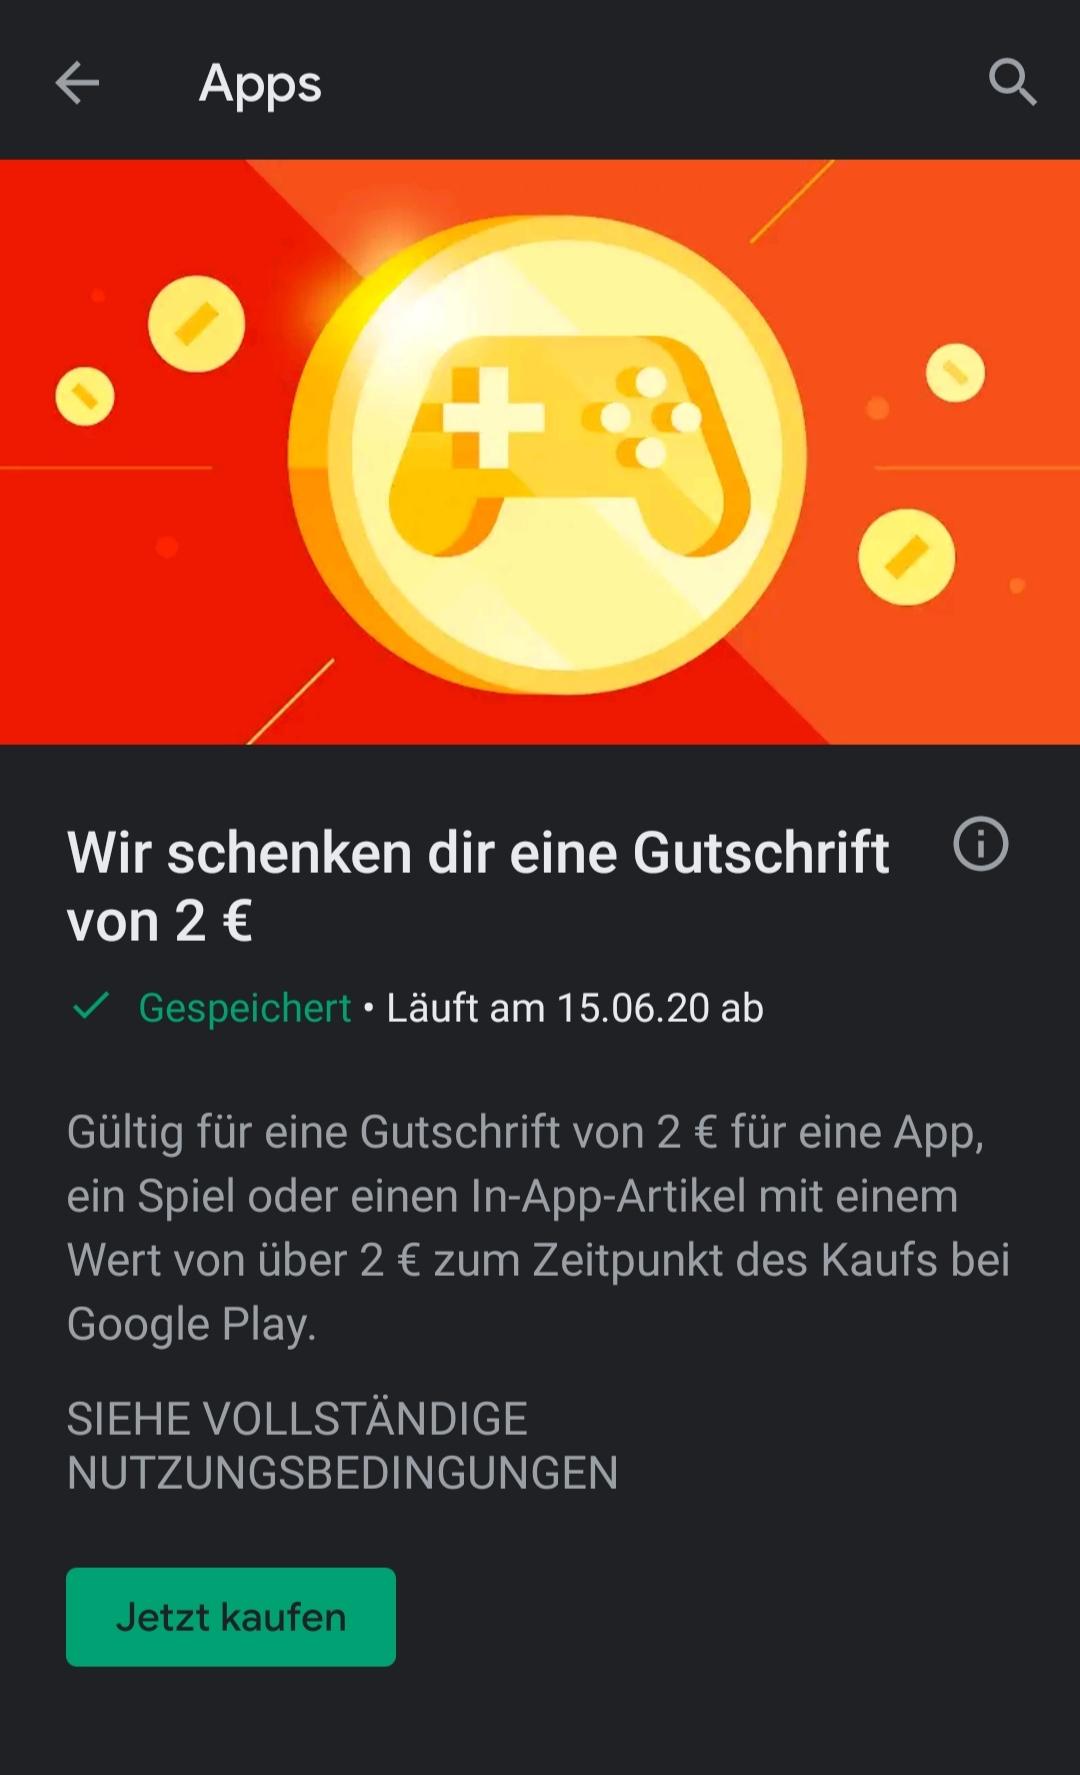 [Google Play Store] 2 Euro Guthaben für Kauf einer App (mglw. personalisiert)